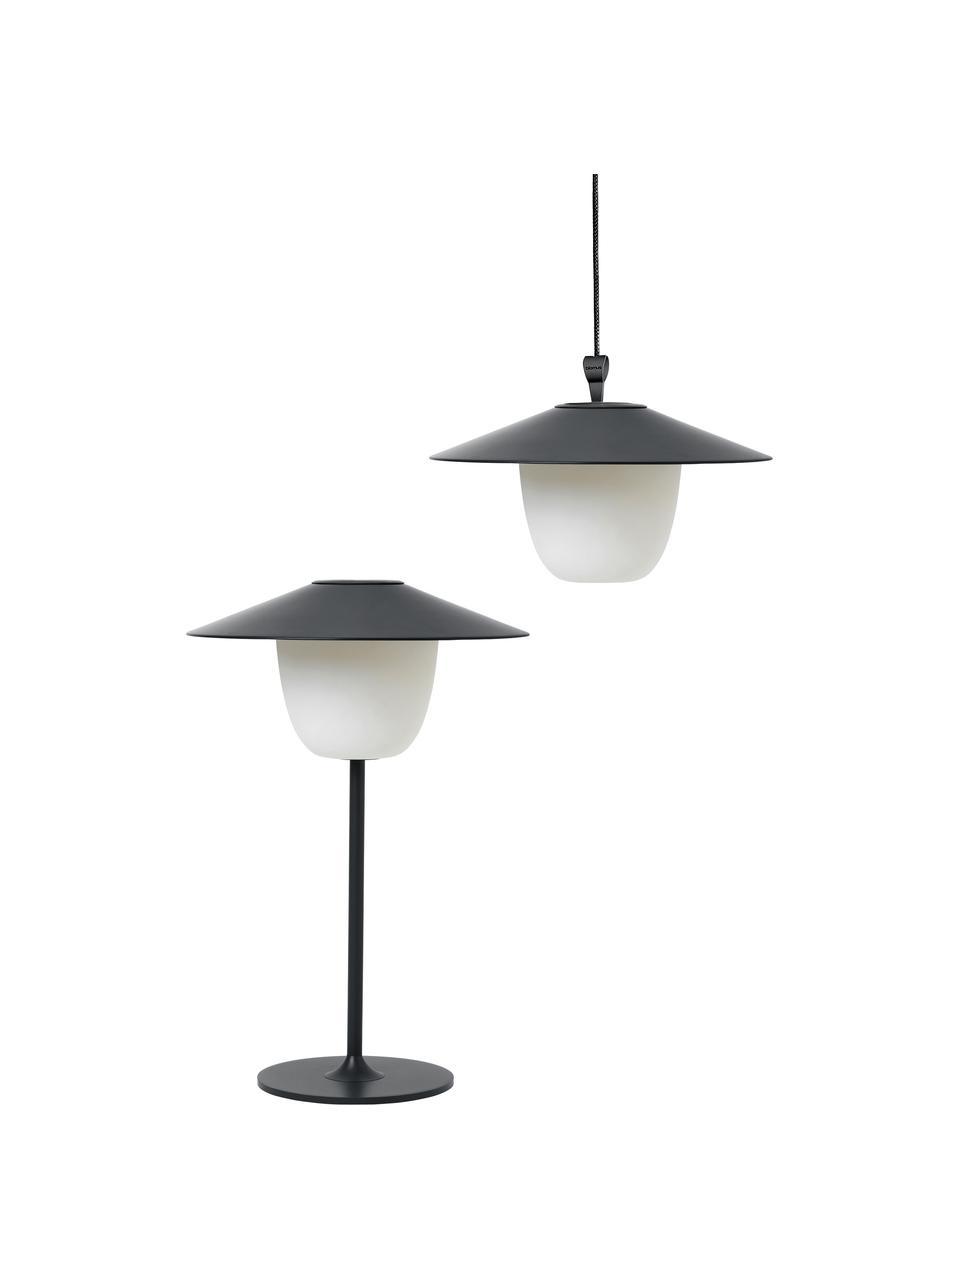 Mobile Dimmbare Außenleuchte Ani zum Hängen oder Stellen, Lampenschirm: Aluminium, Lampenfuß: Aluminium, beschichtet, Dunkelgrau, Ø 22 x H 33 cm